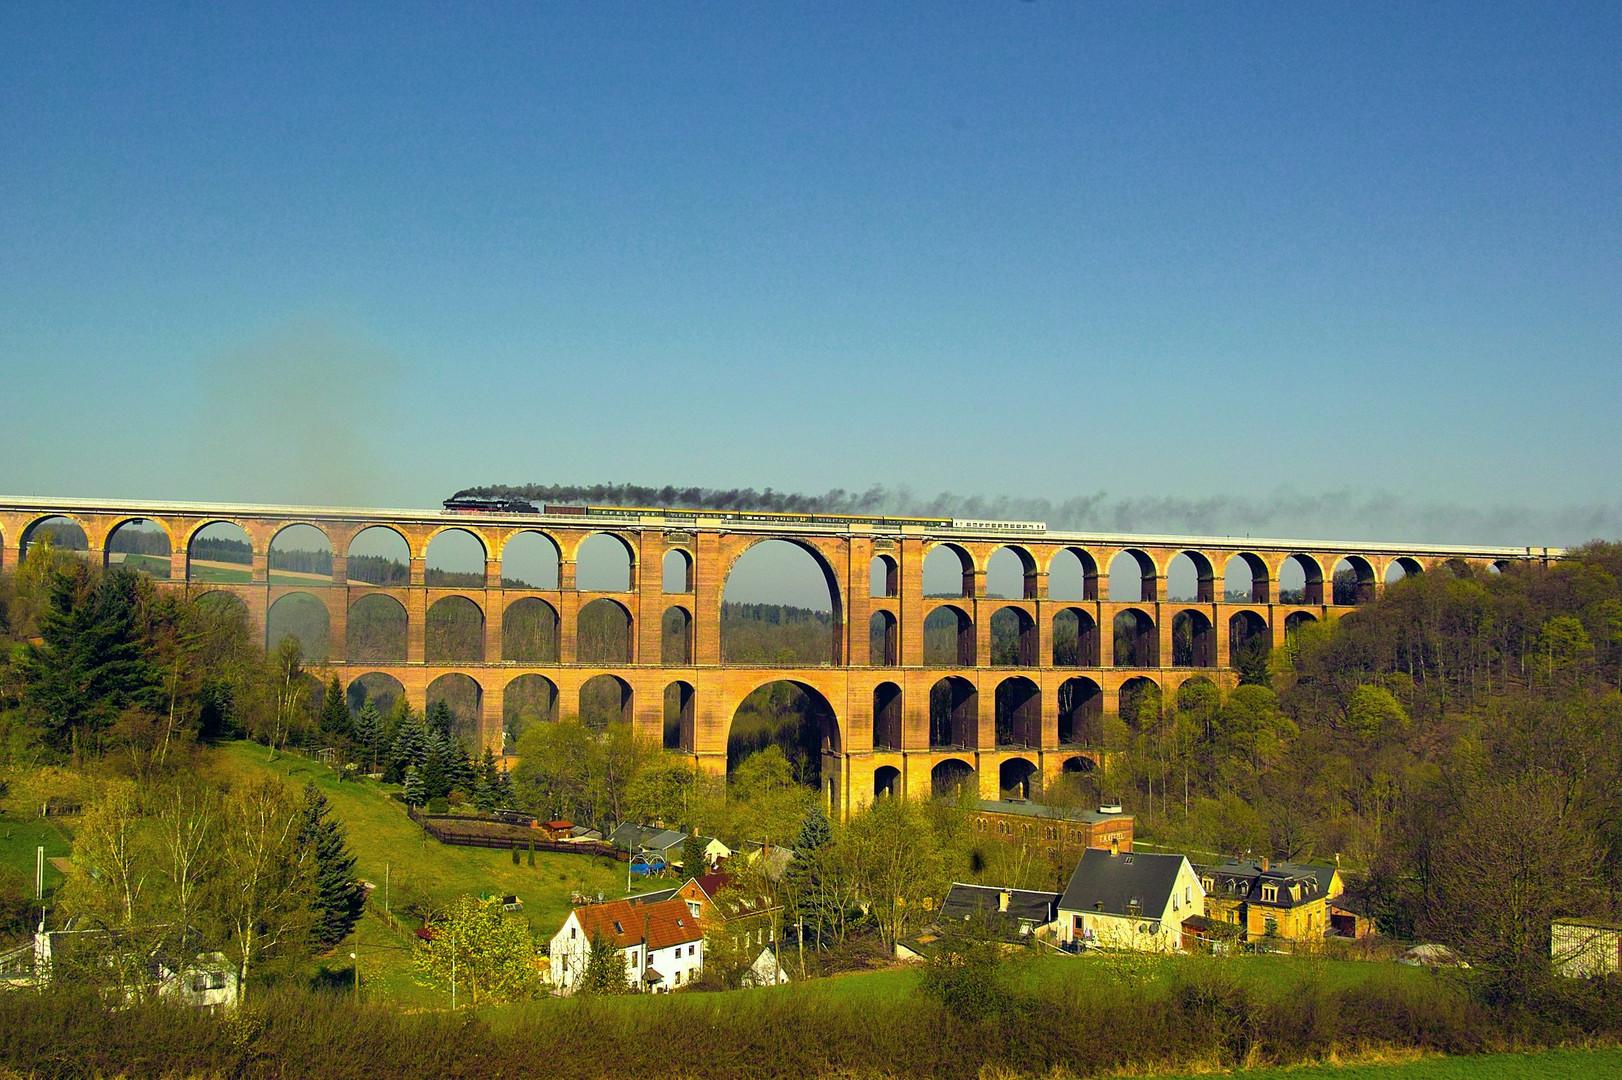 41 1144 auf dem Göltschtal Viadukt ...